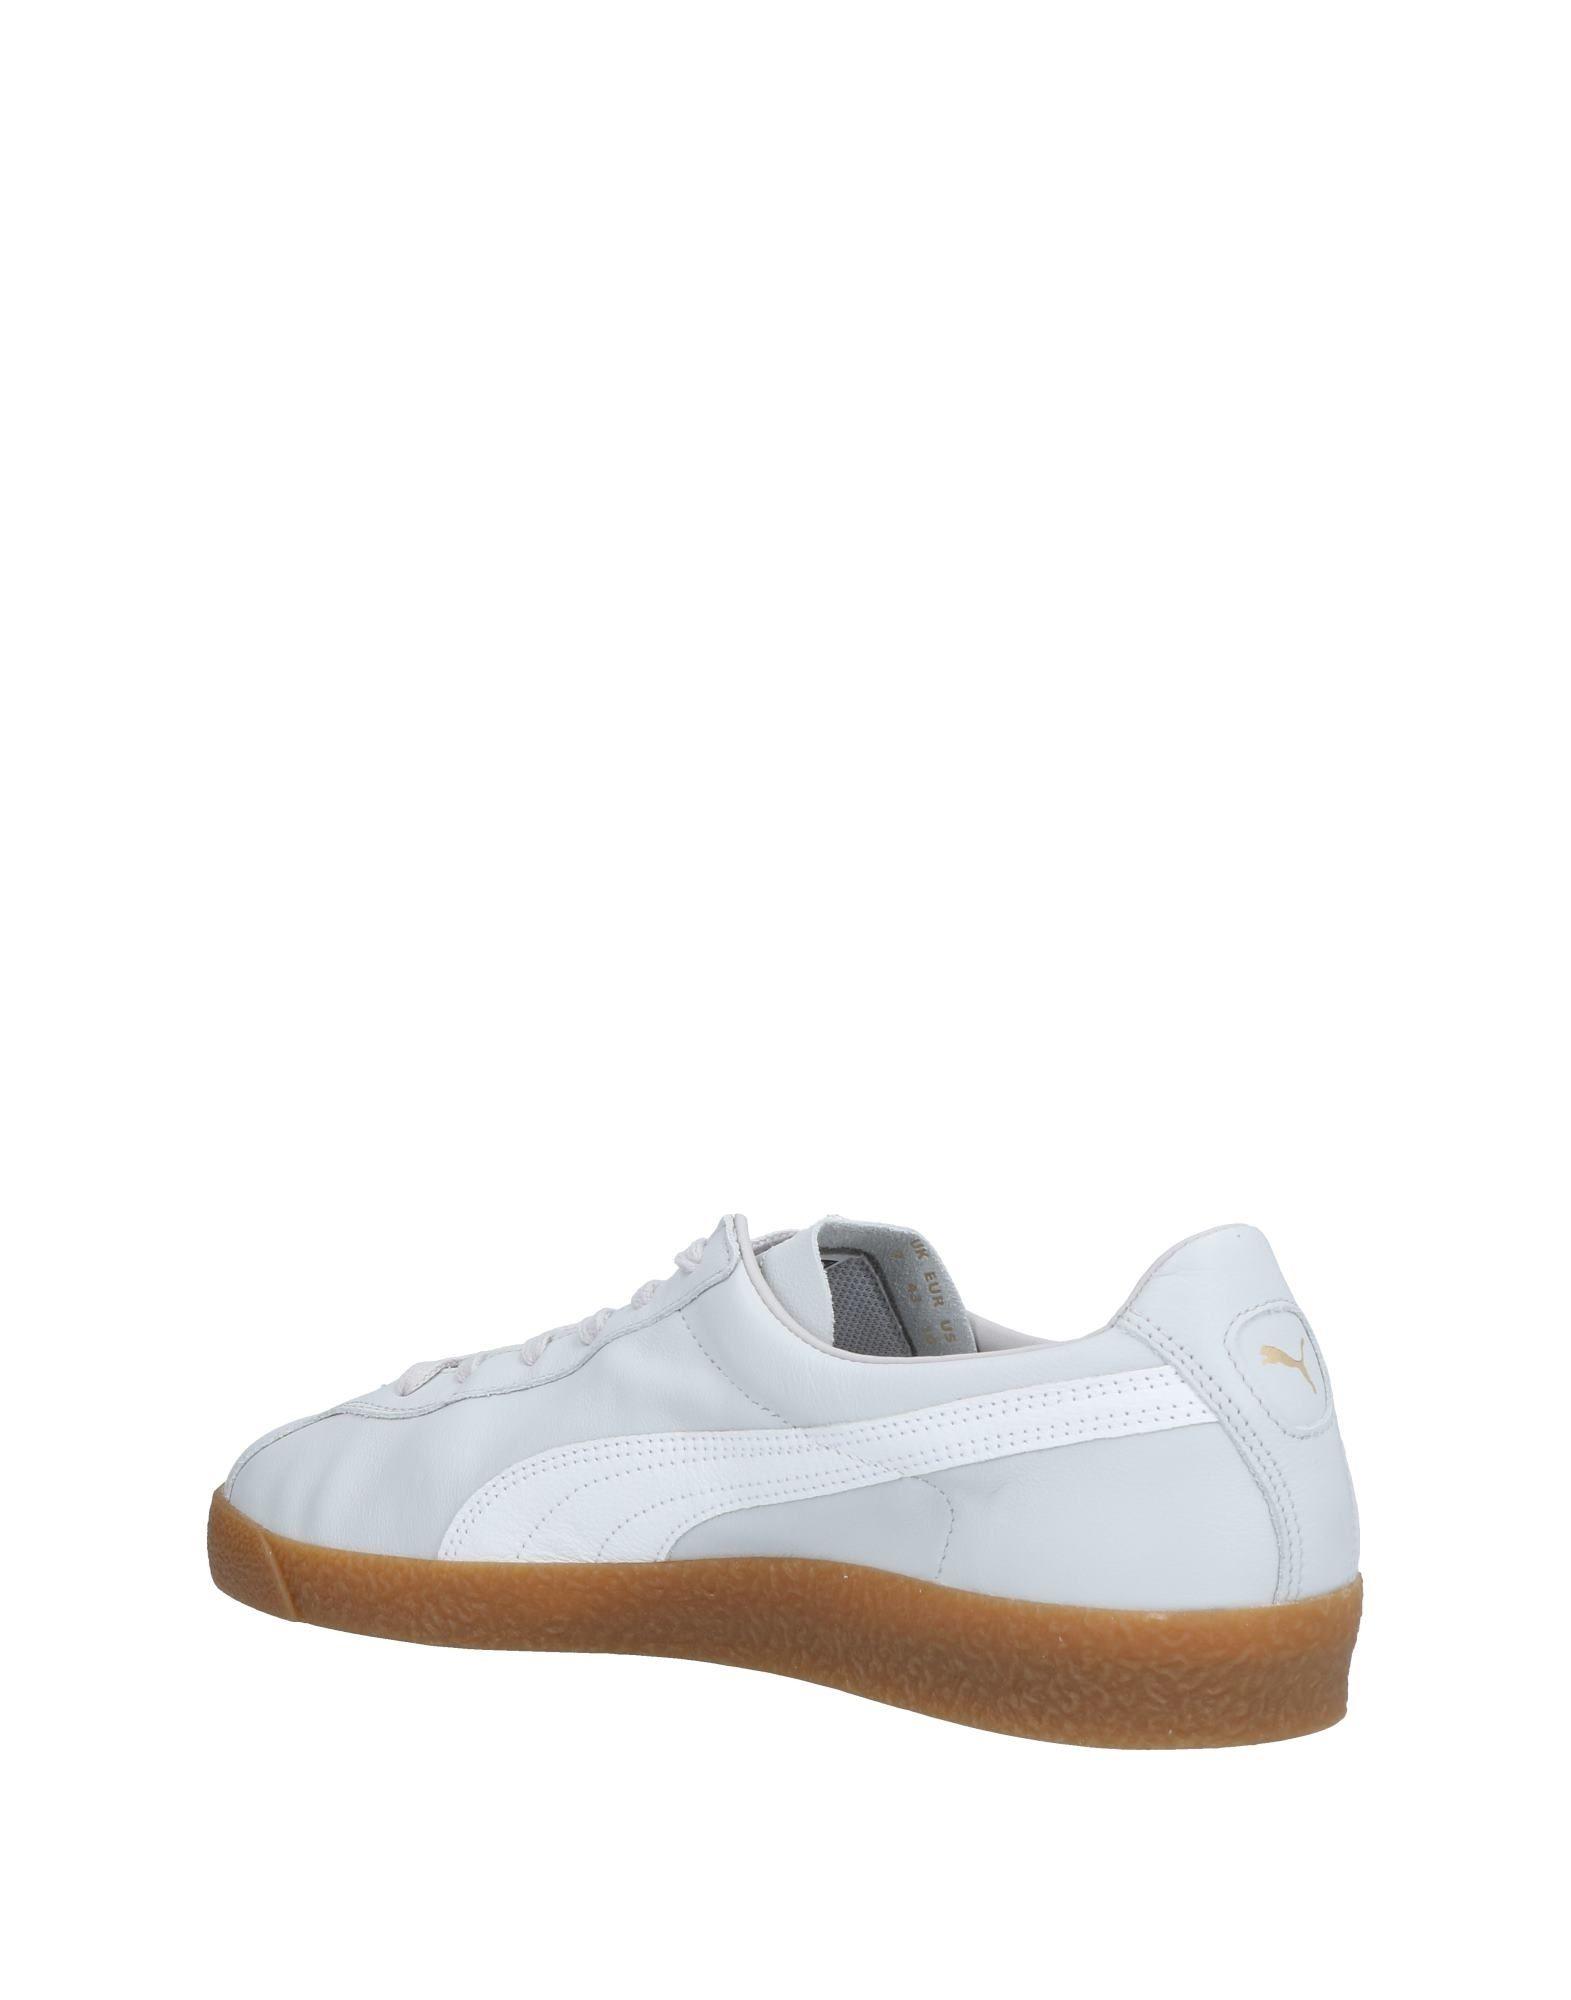 Rabatt Herren echte Schuhe Puma Sneakers Herren Rabatt  11496081SJ a33cf7